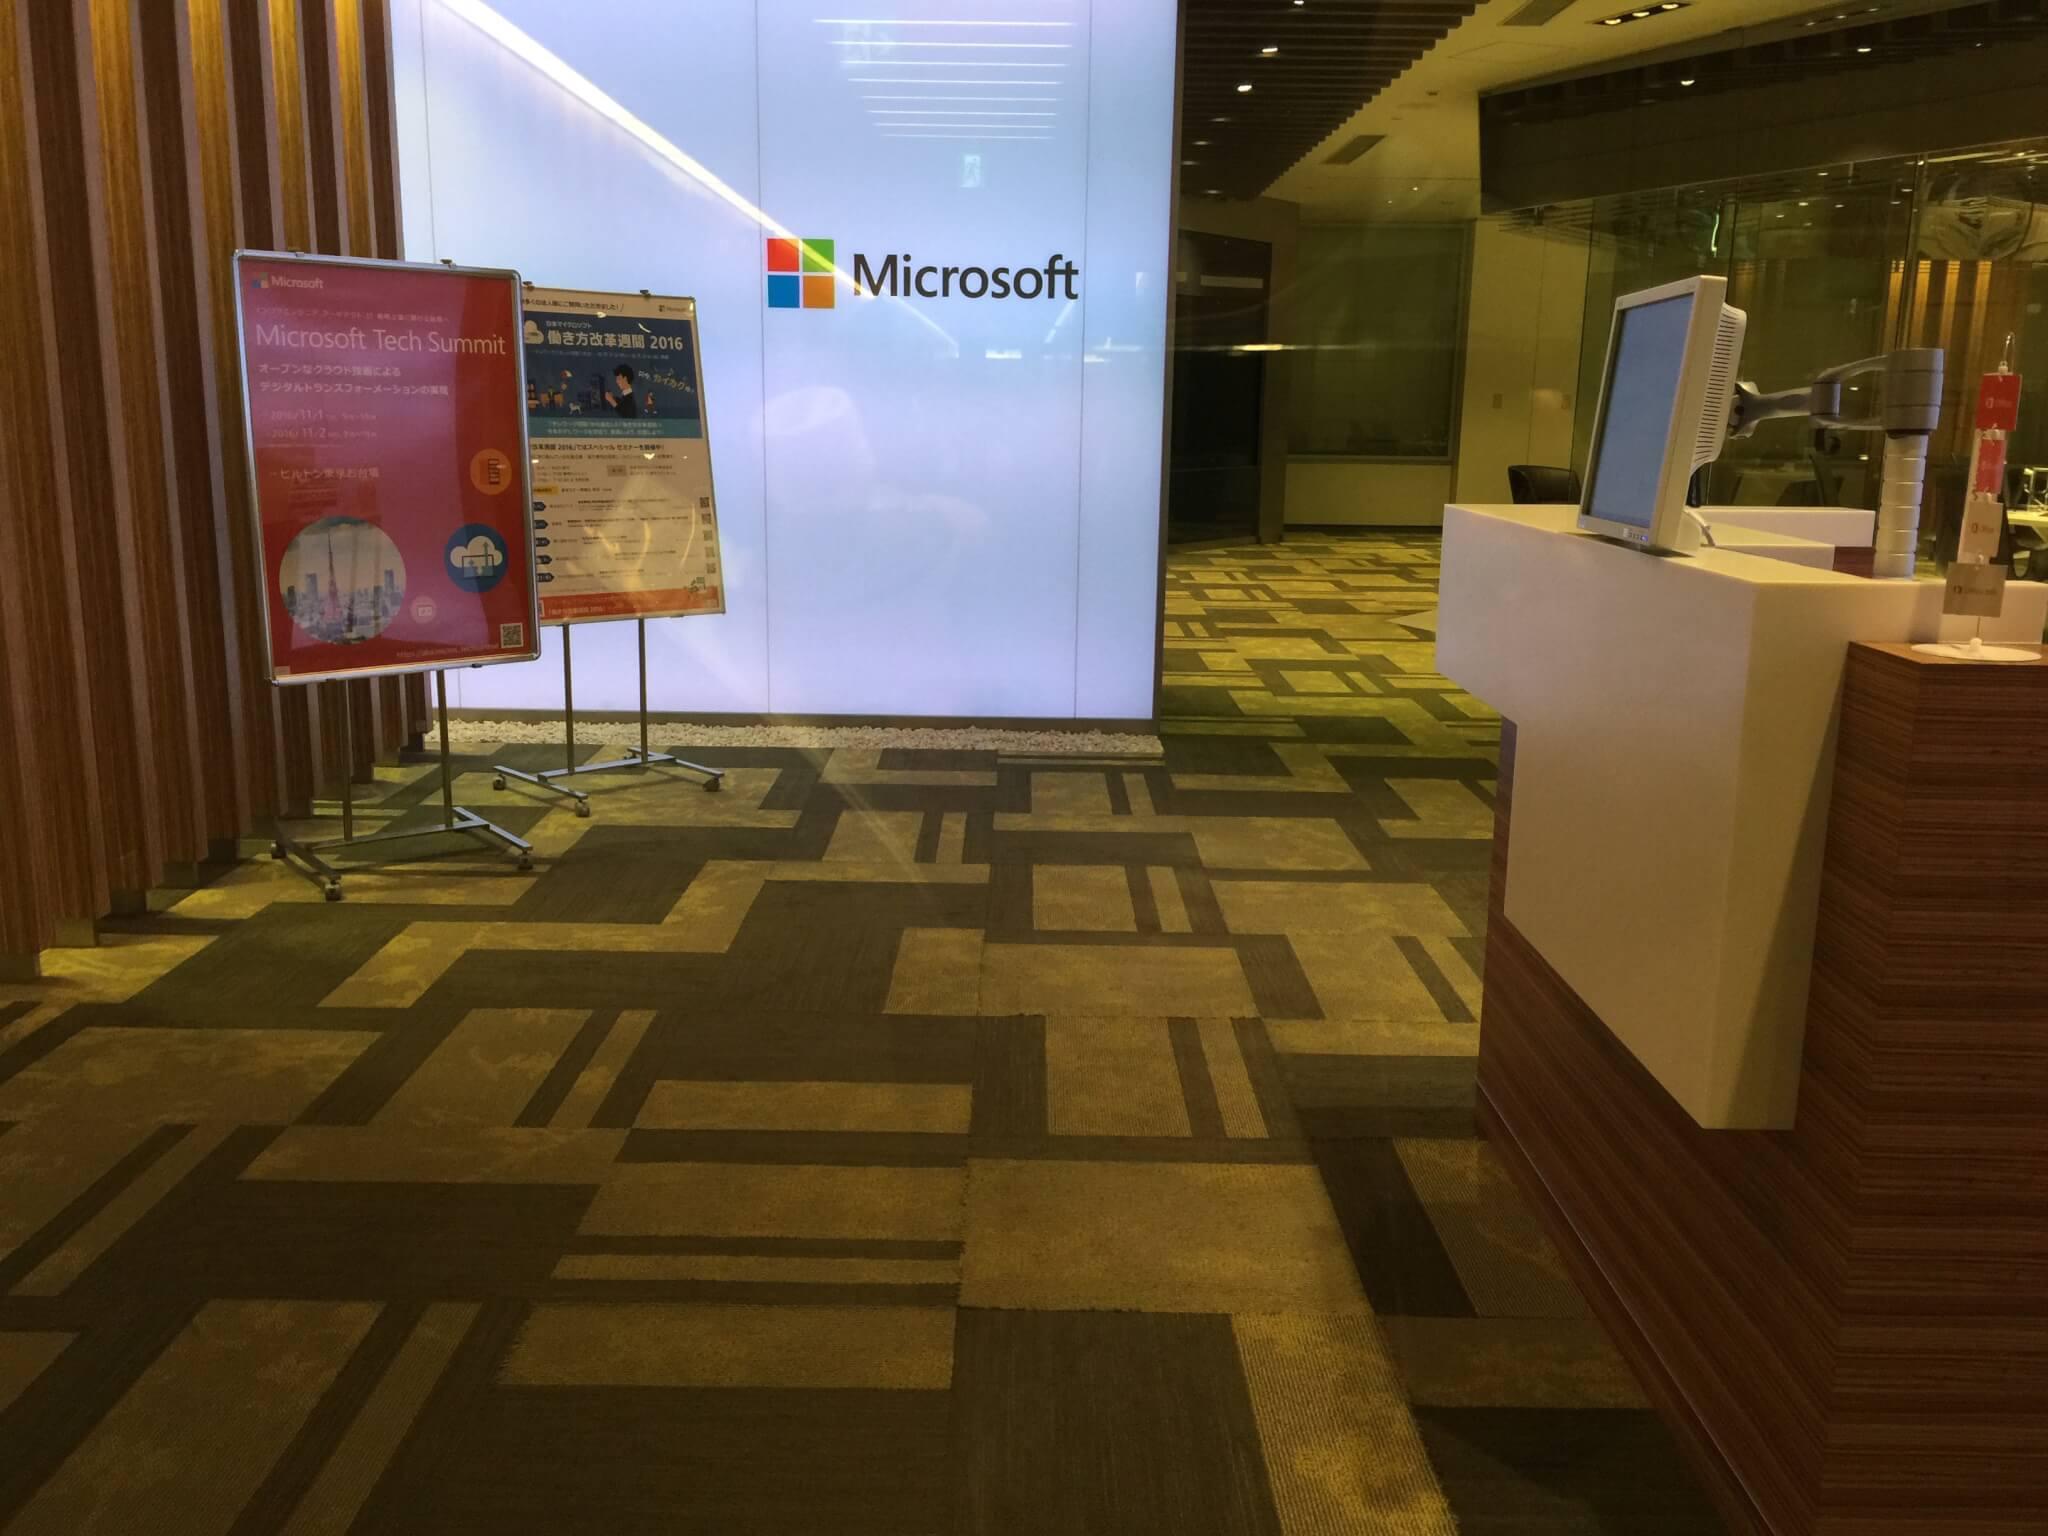 【登壇報告】登壇時に意識すること。html5jウェブプラットフォーム部勉強会 in Microsoft